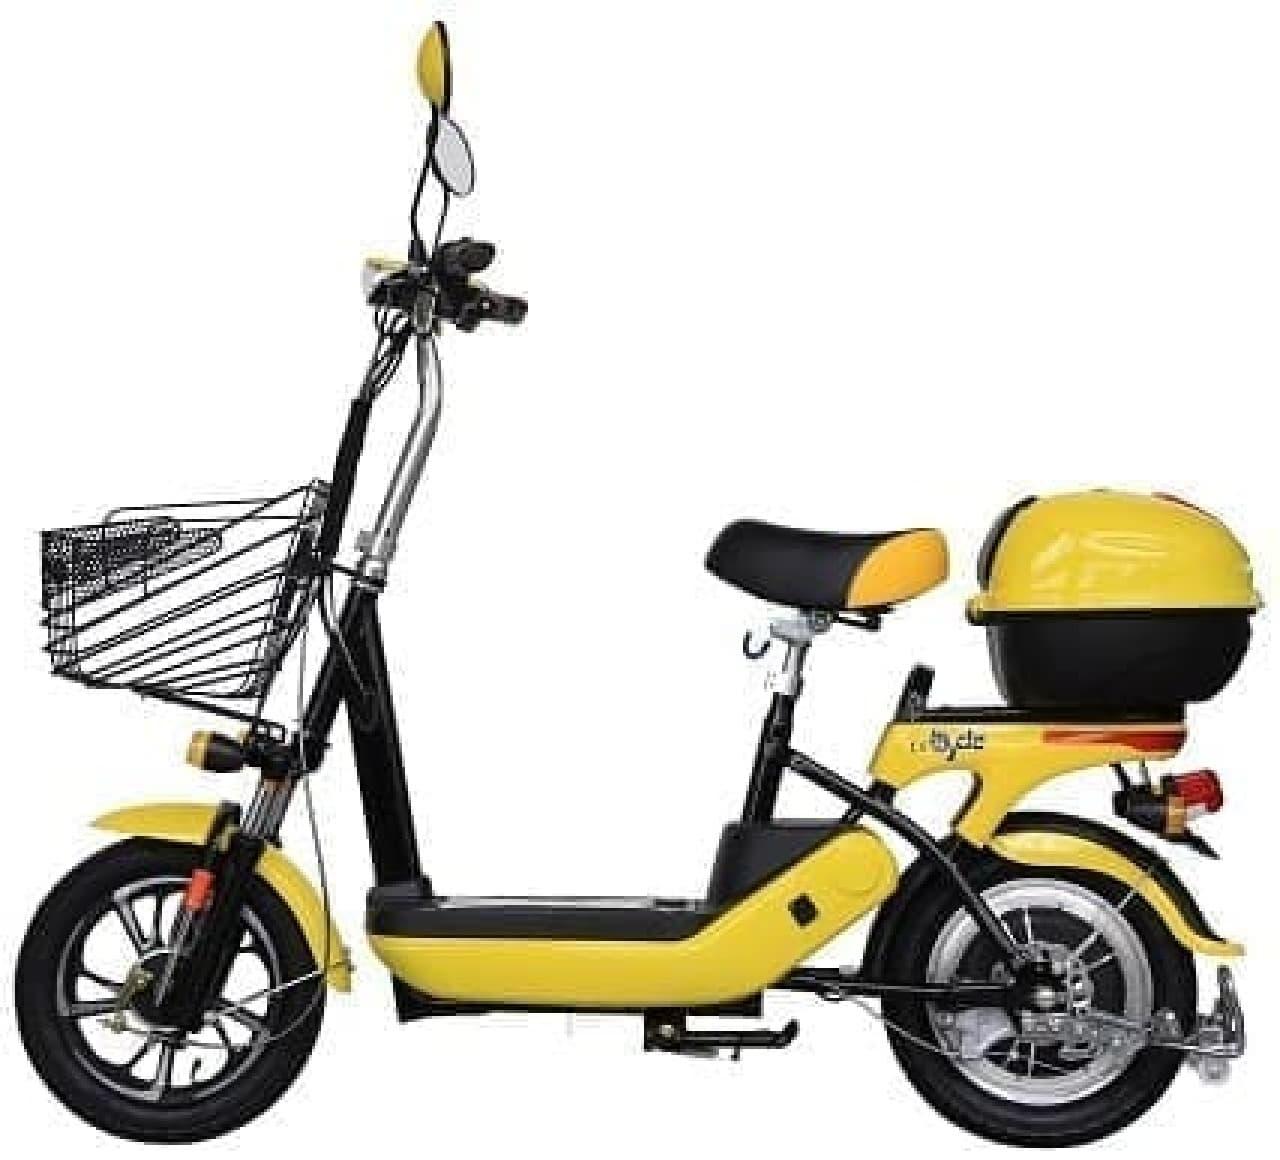 「バイクル」のペダルの無いニューモデル「bycle L6」